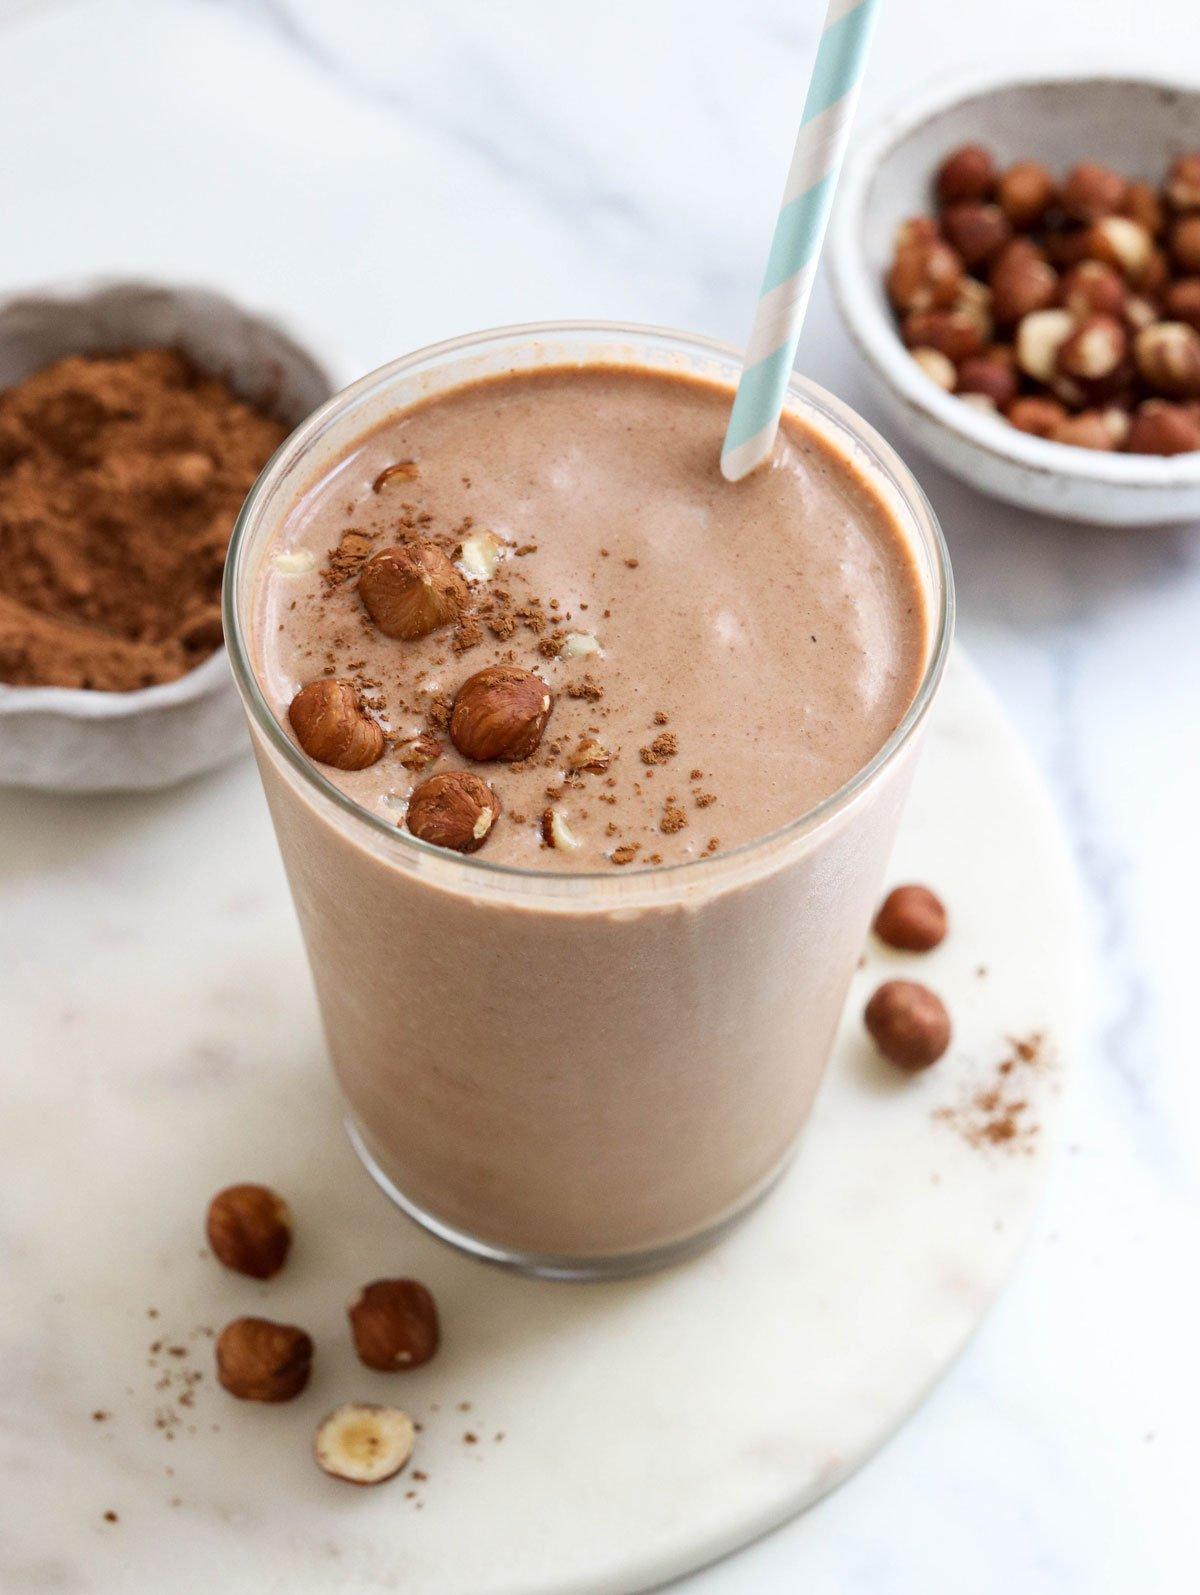 chocolate hazelnut smoothie in glass with straw